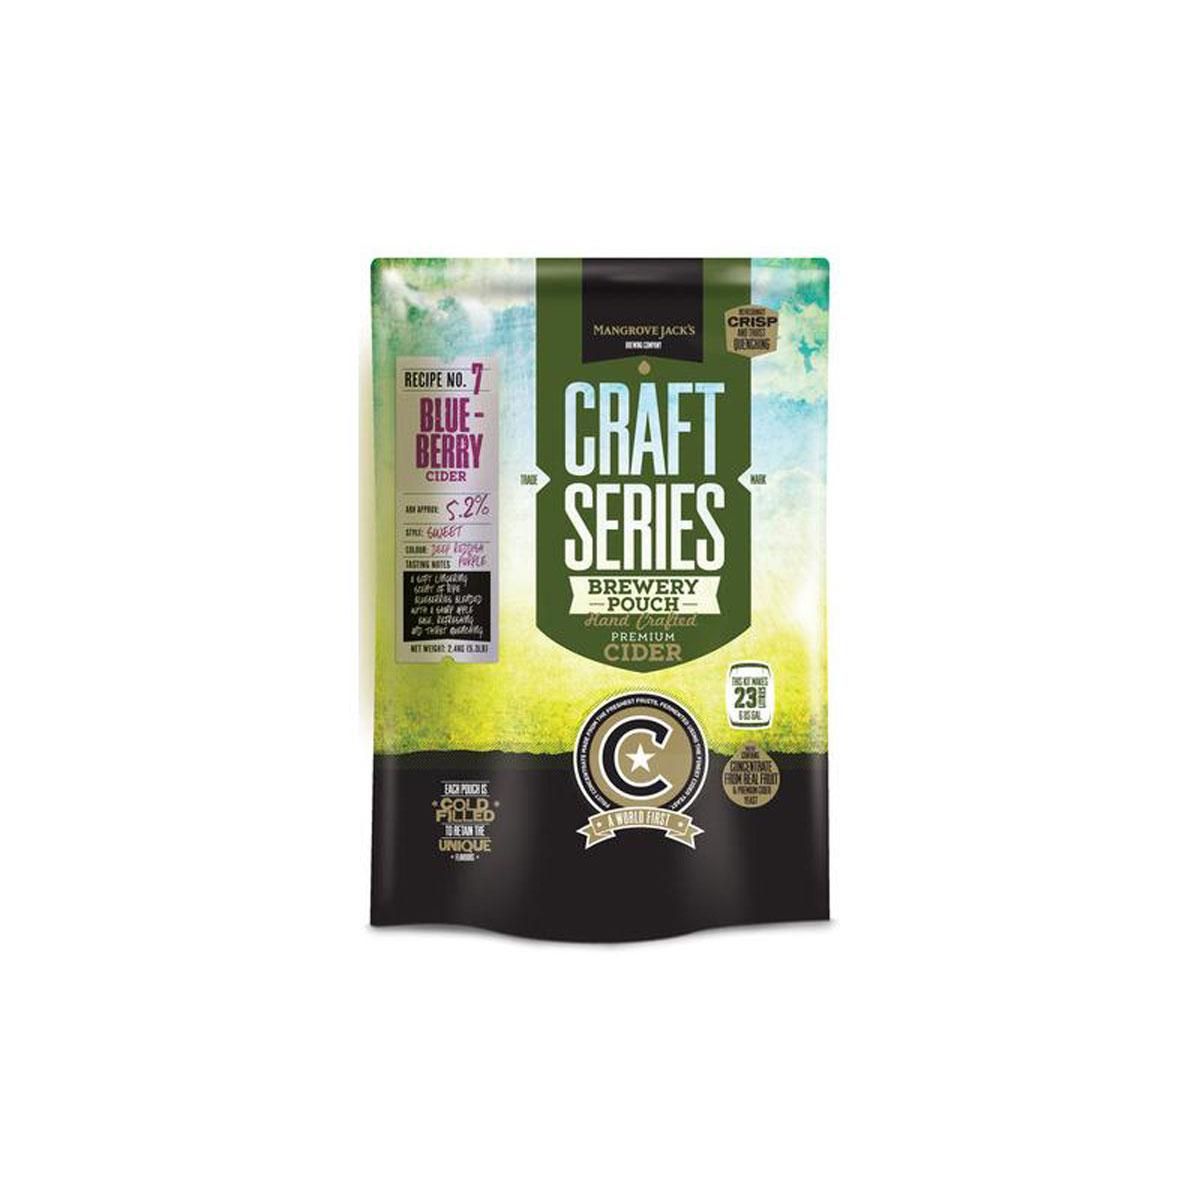 Mangrove Jacks - Blue Berry Cider - Craft Series